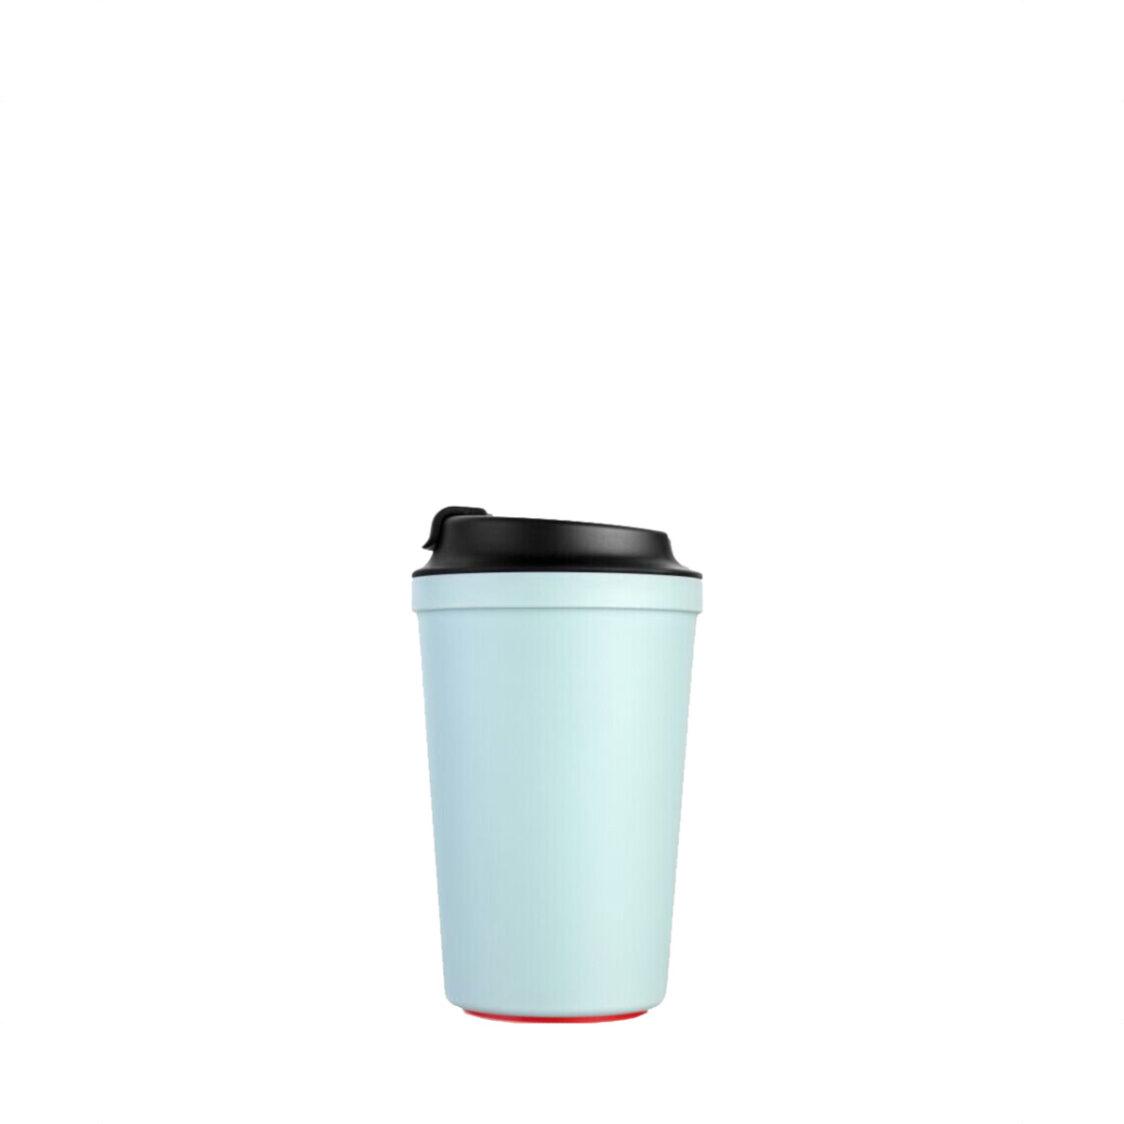 Artiart Suction Idea Caf Mug Sky Blue 340ml